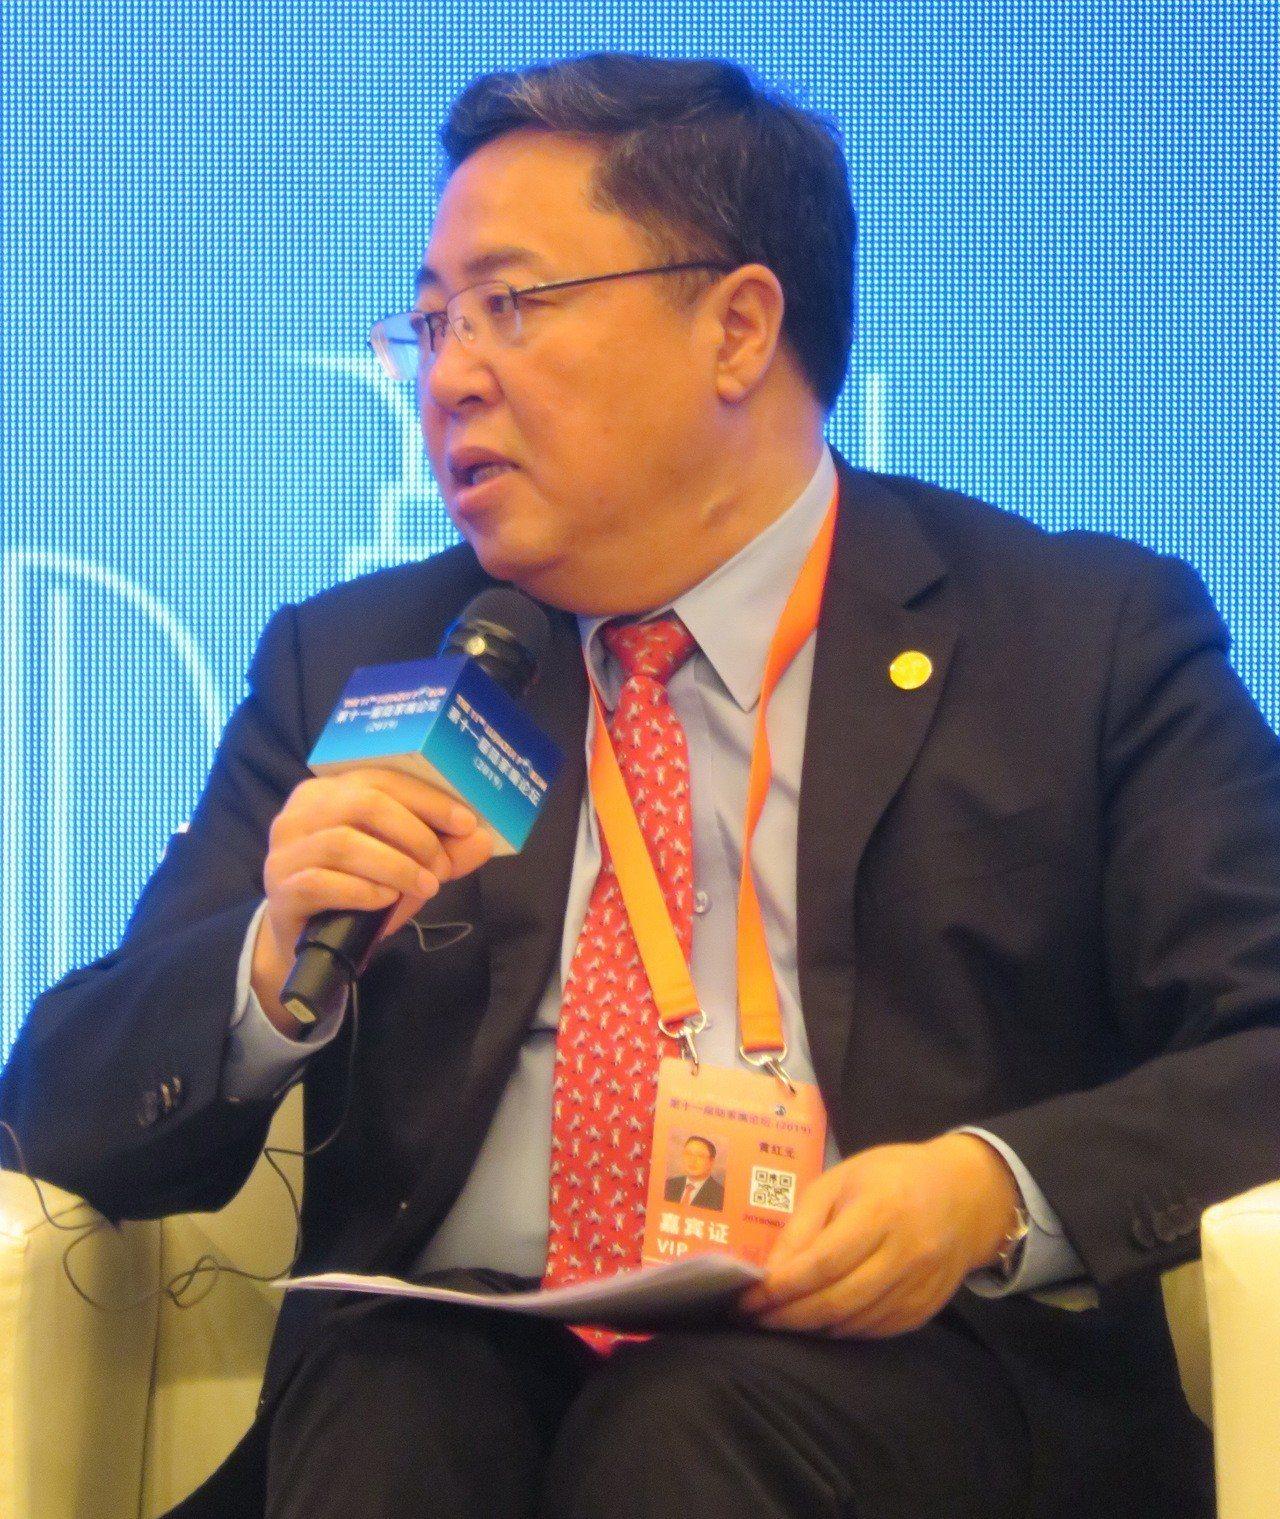 上交所理事長黃紅表示,預計在未來2個月內,就能看到首批企業在科創板上市交易。特派...